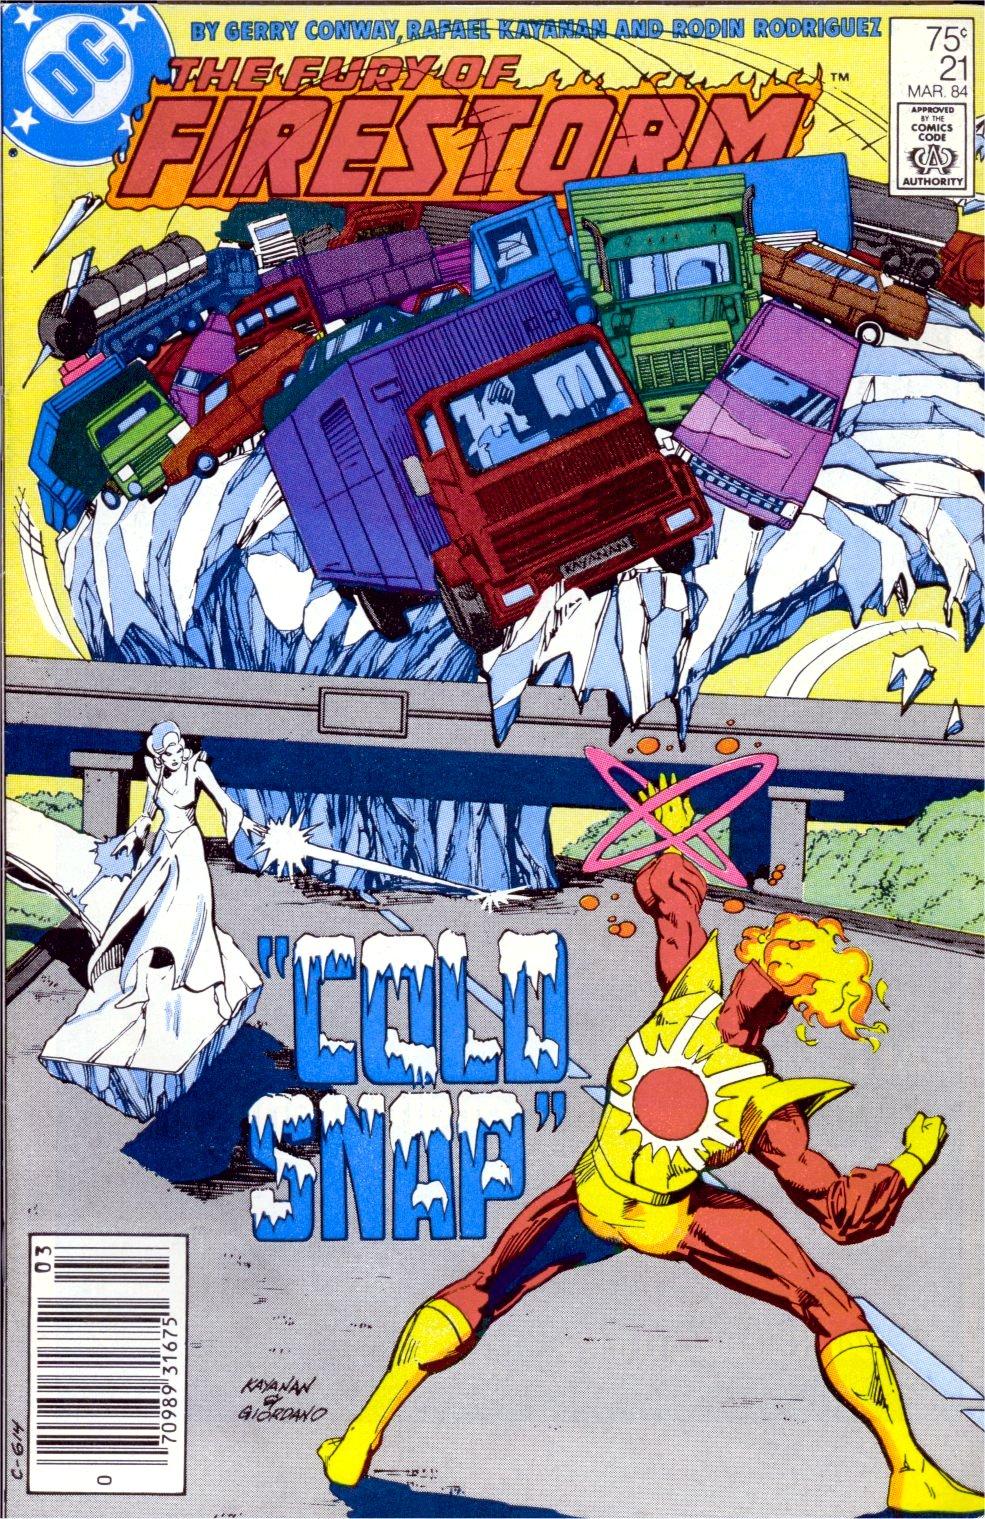 Killer Frost | CBSI Comics